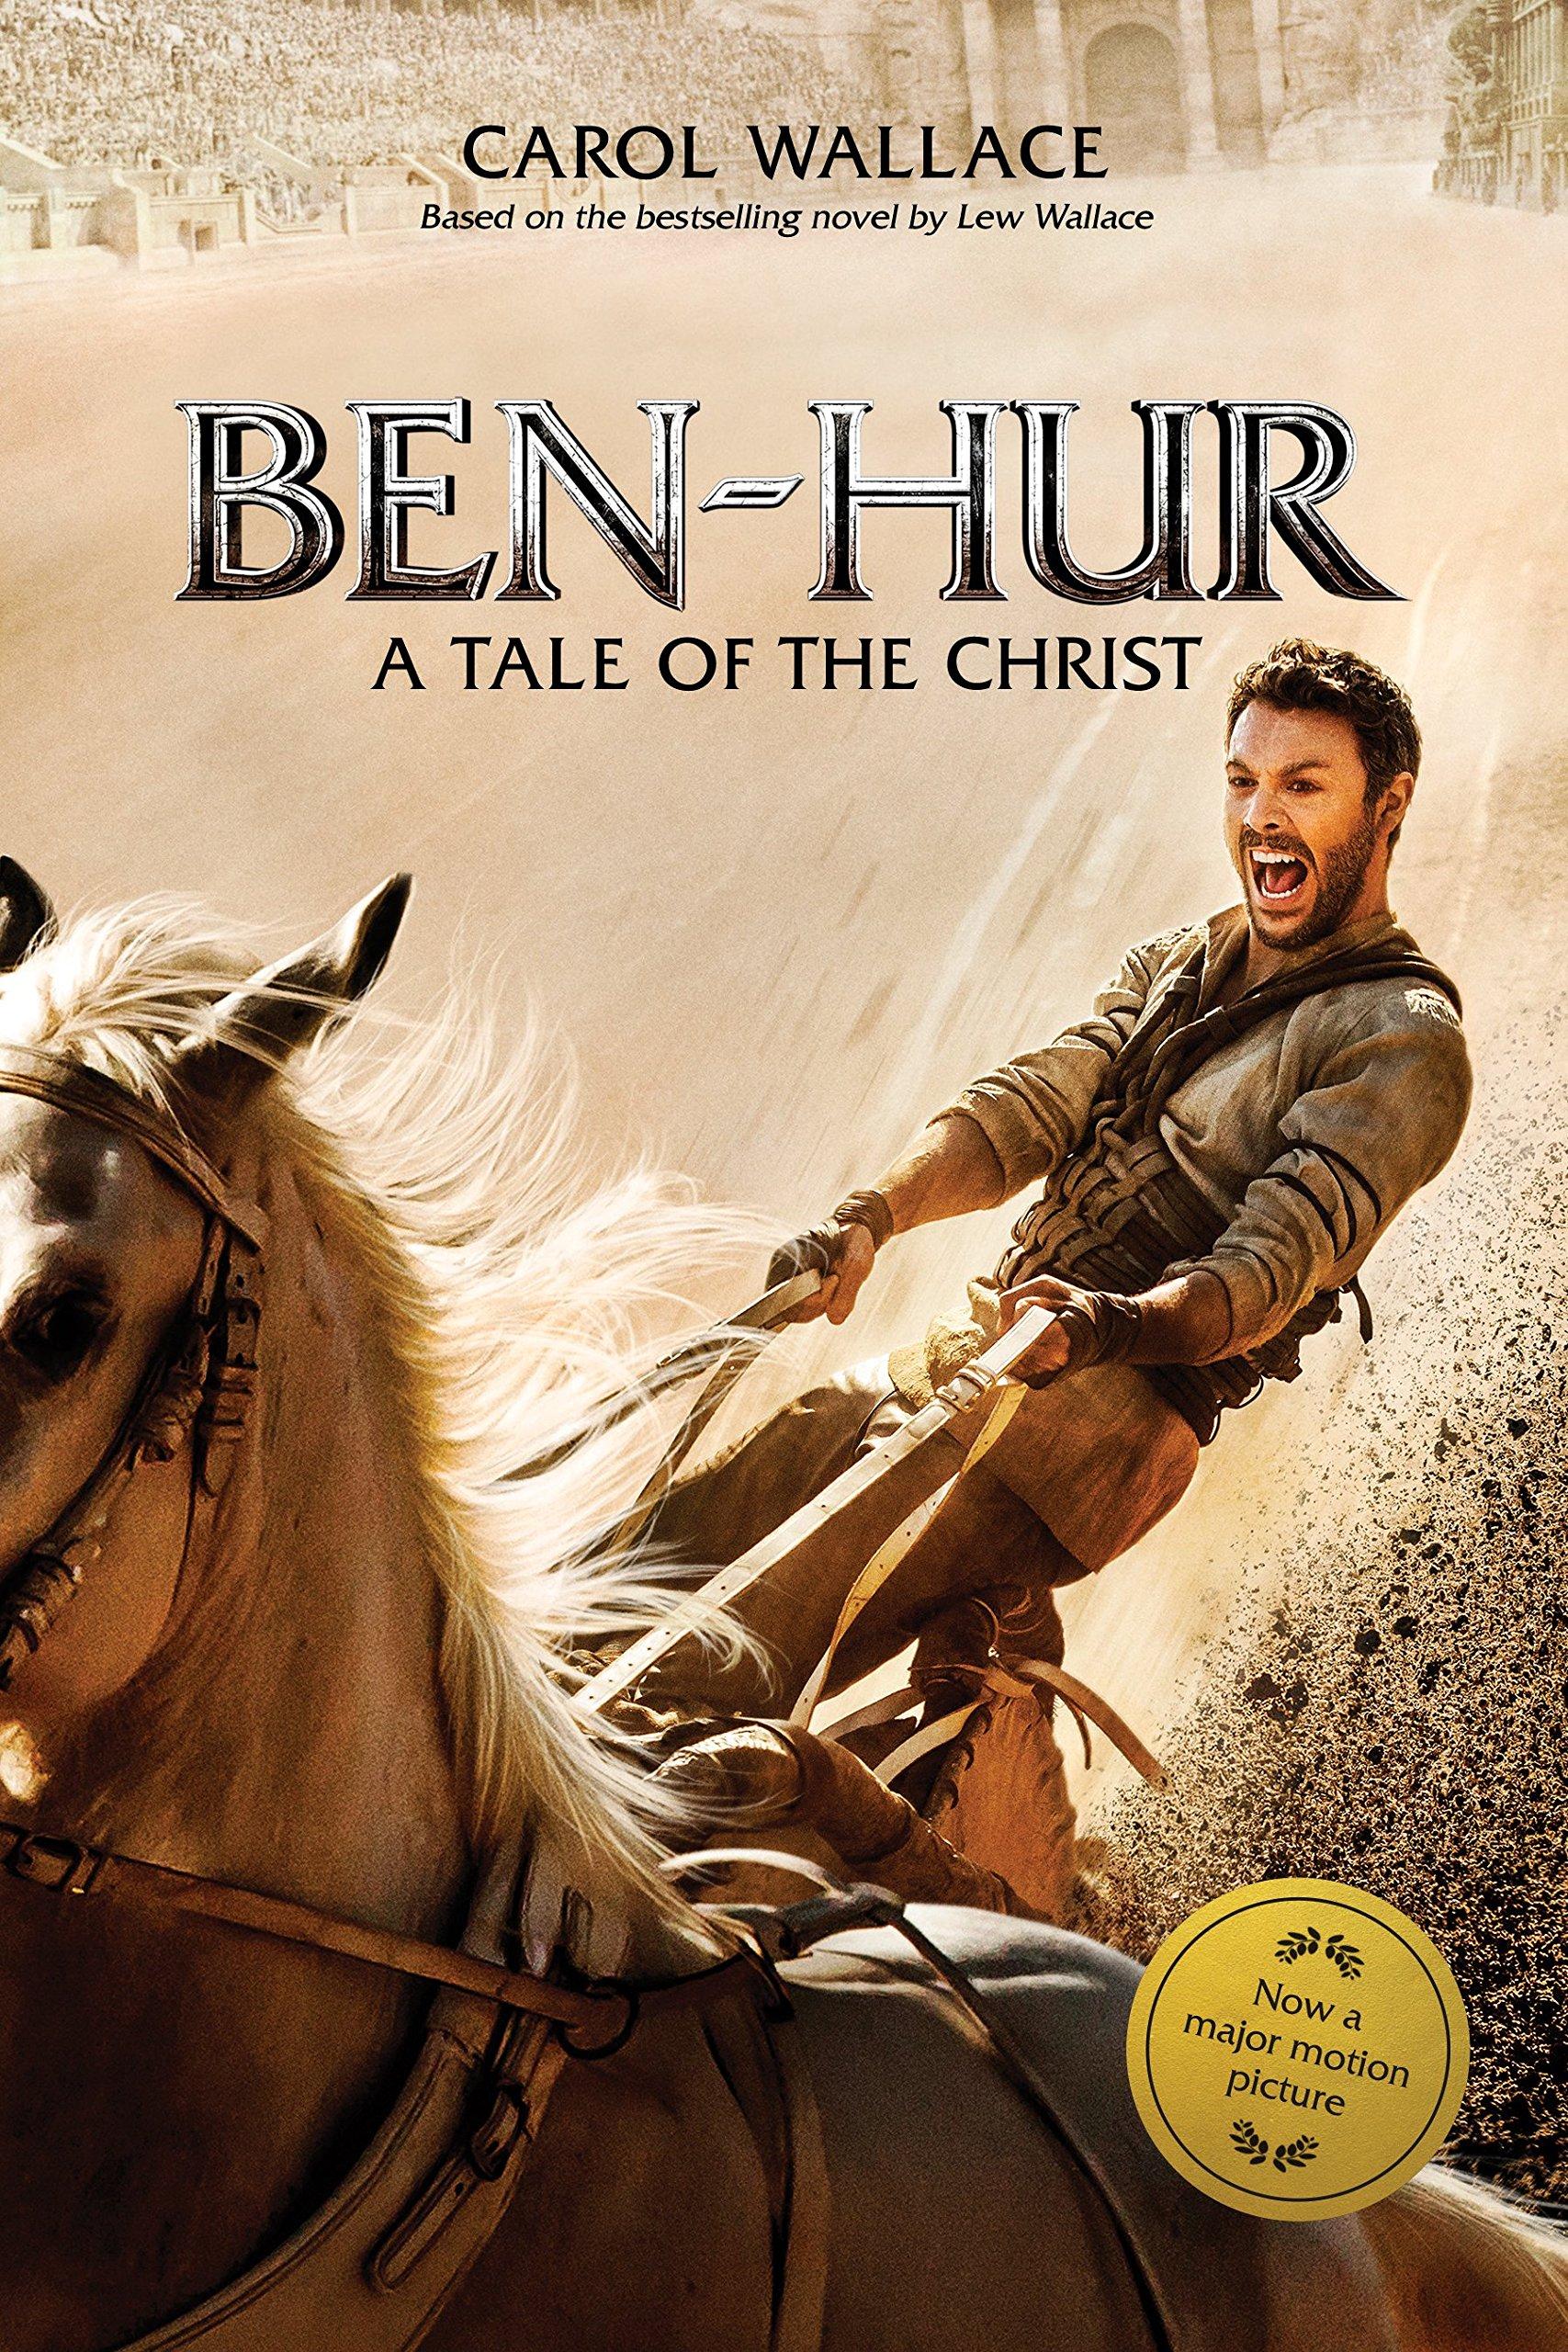 Benhur-2016